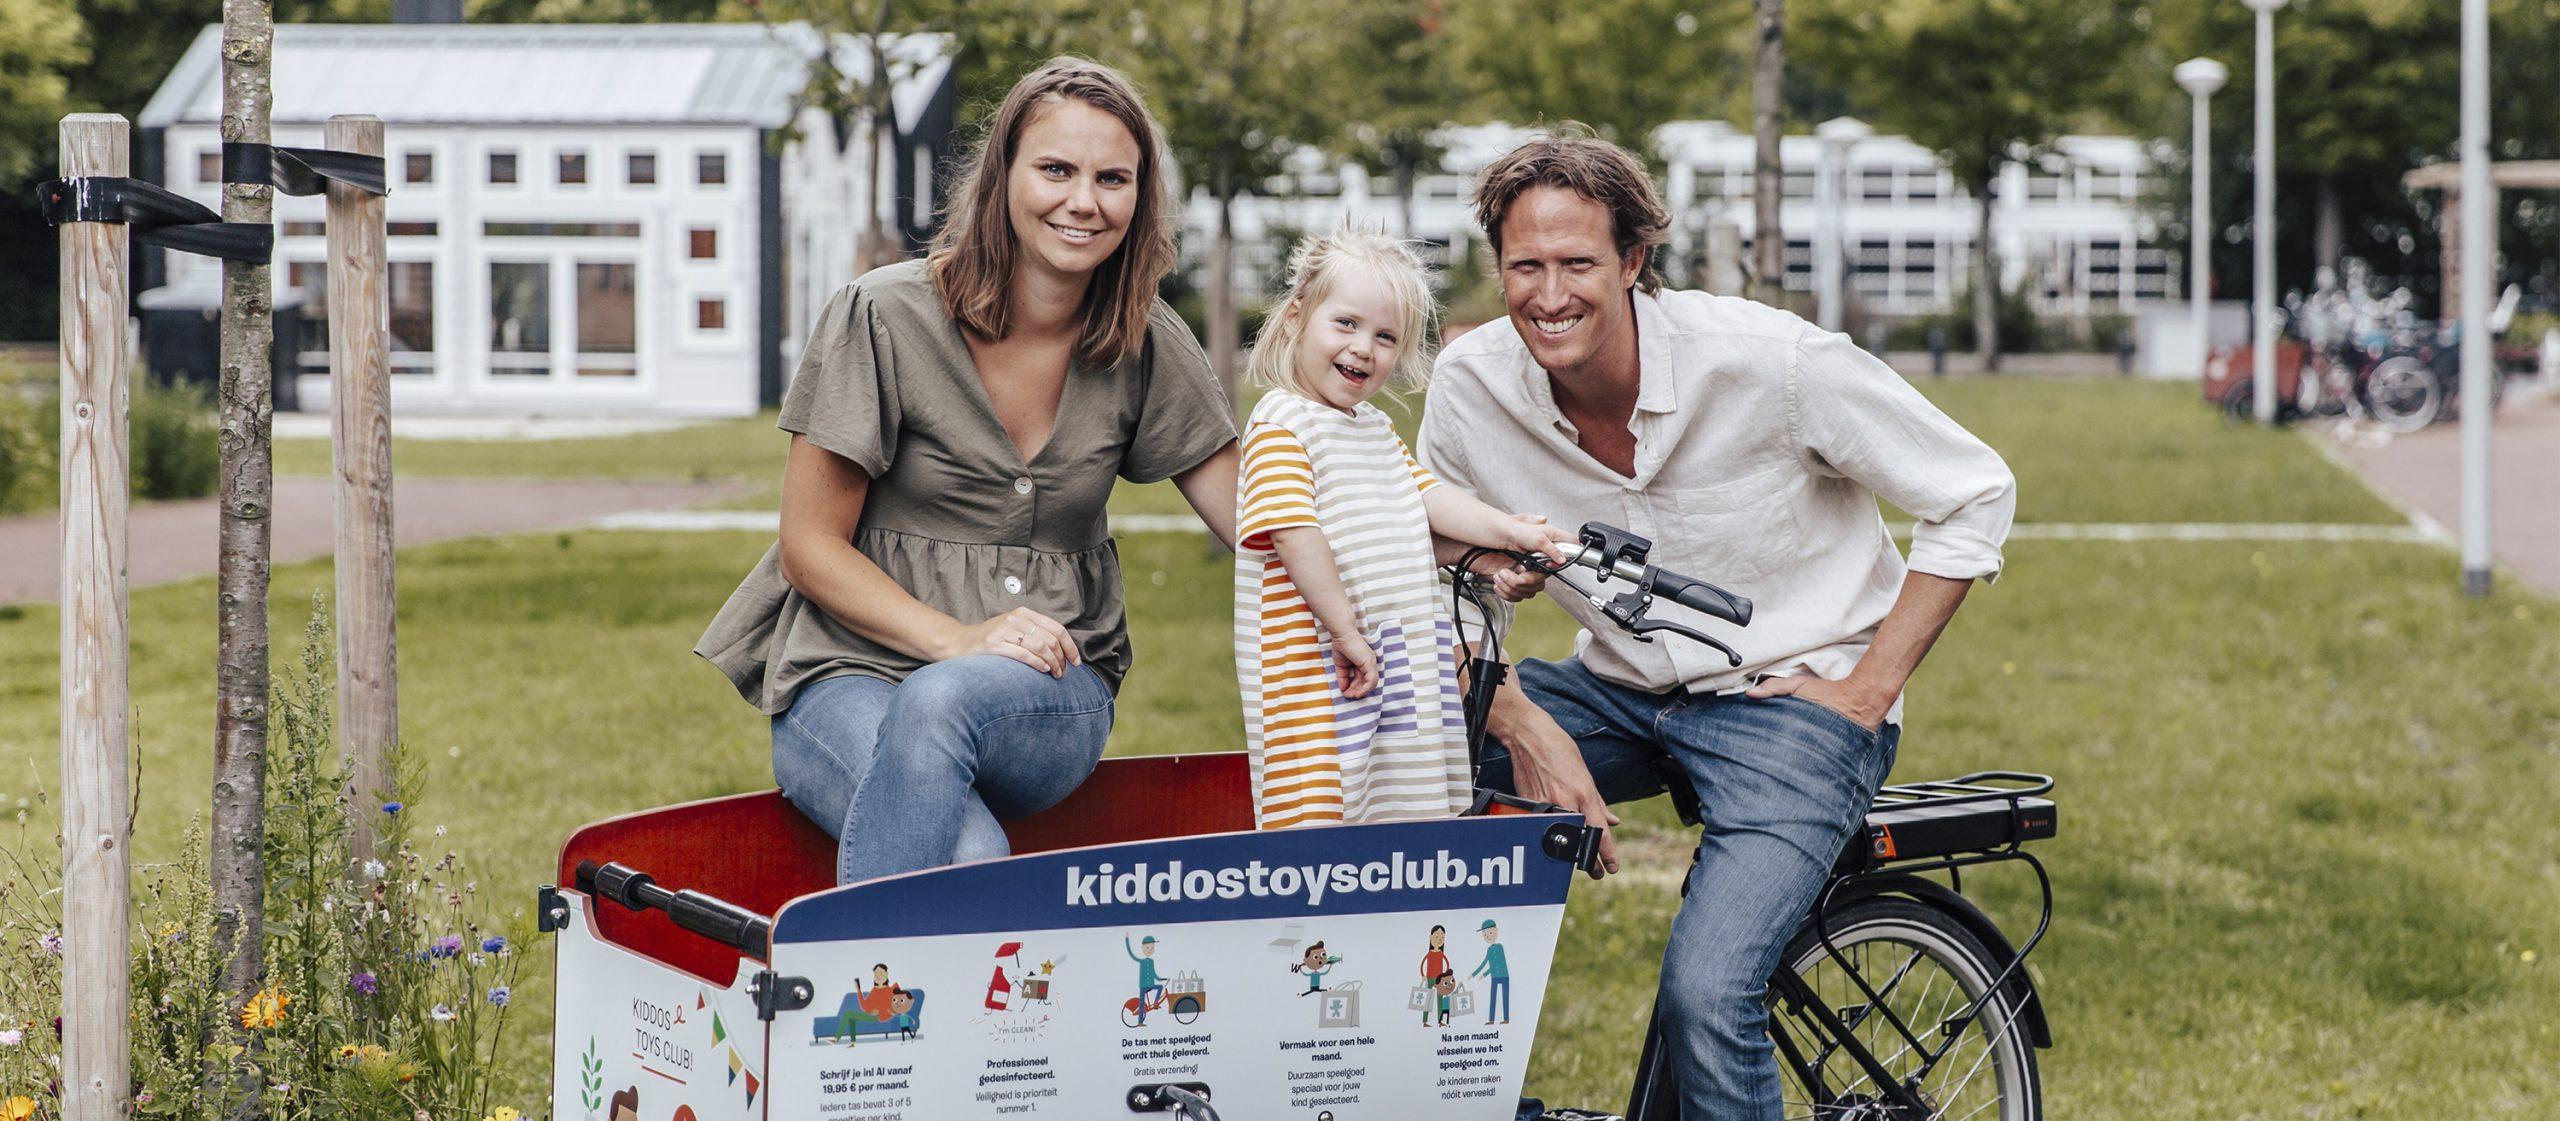 kiddostoysclub